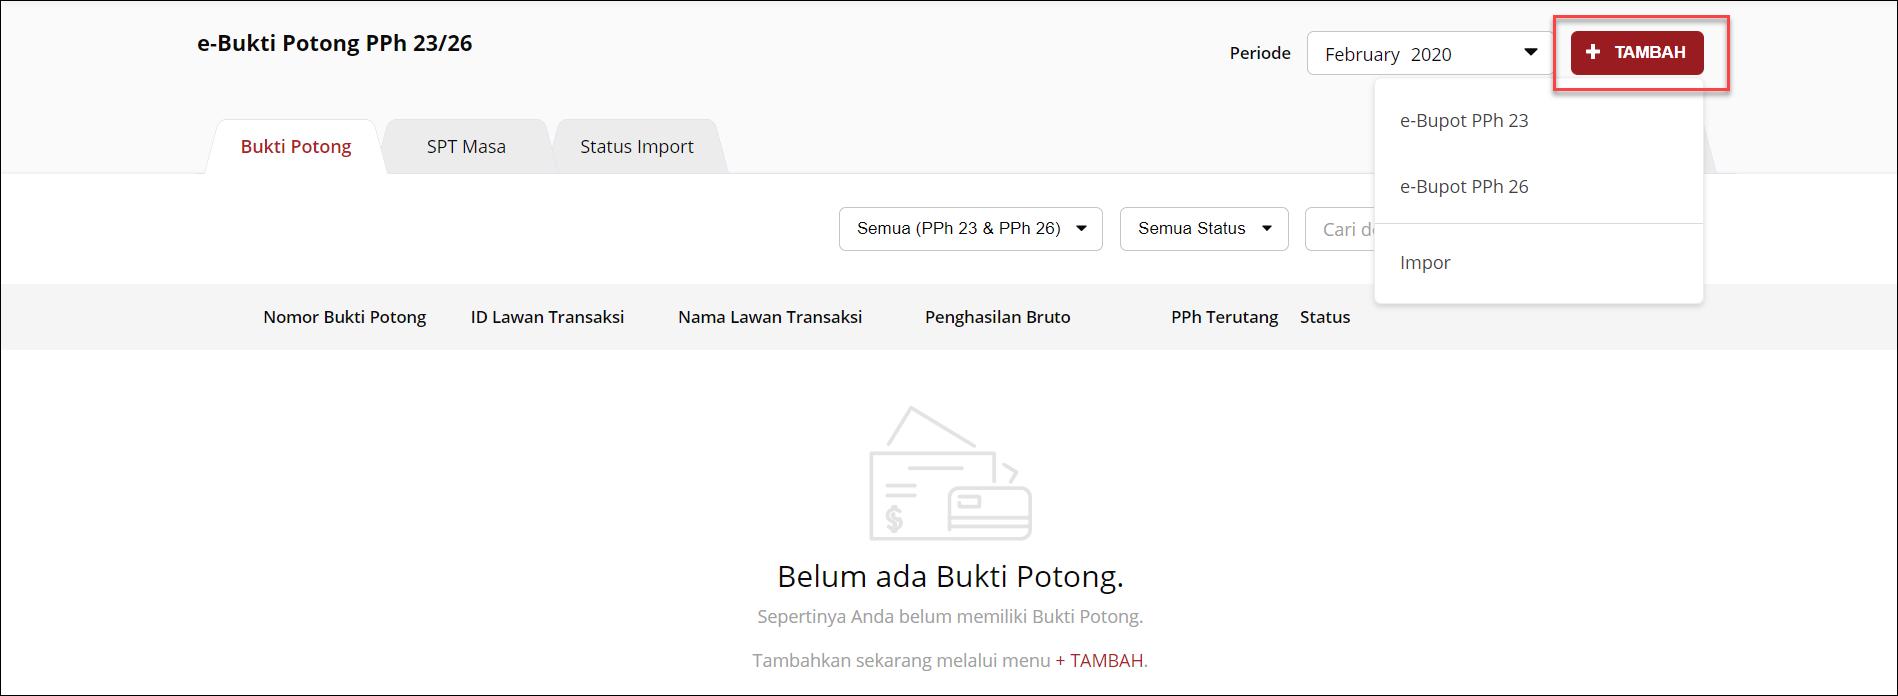 e-Bupot OnlinePajak merupakan aplikasi yang bisa WP badan atau PKP gunakan untuk membuat dan melaporkan bukti pemotongan pajak. Simak selengkapnya di sini!